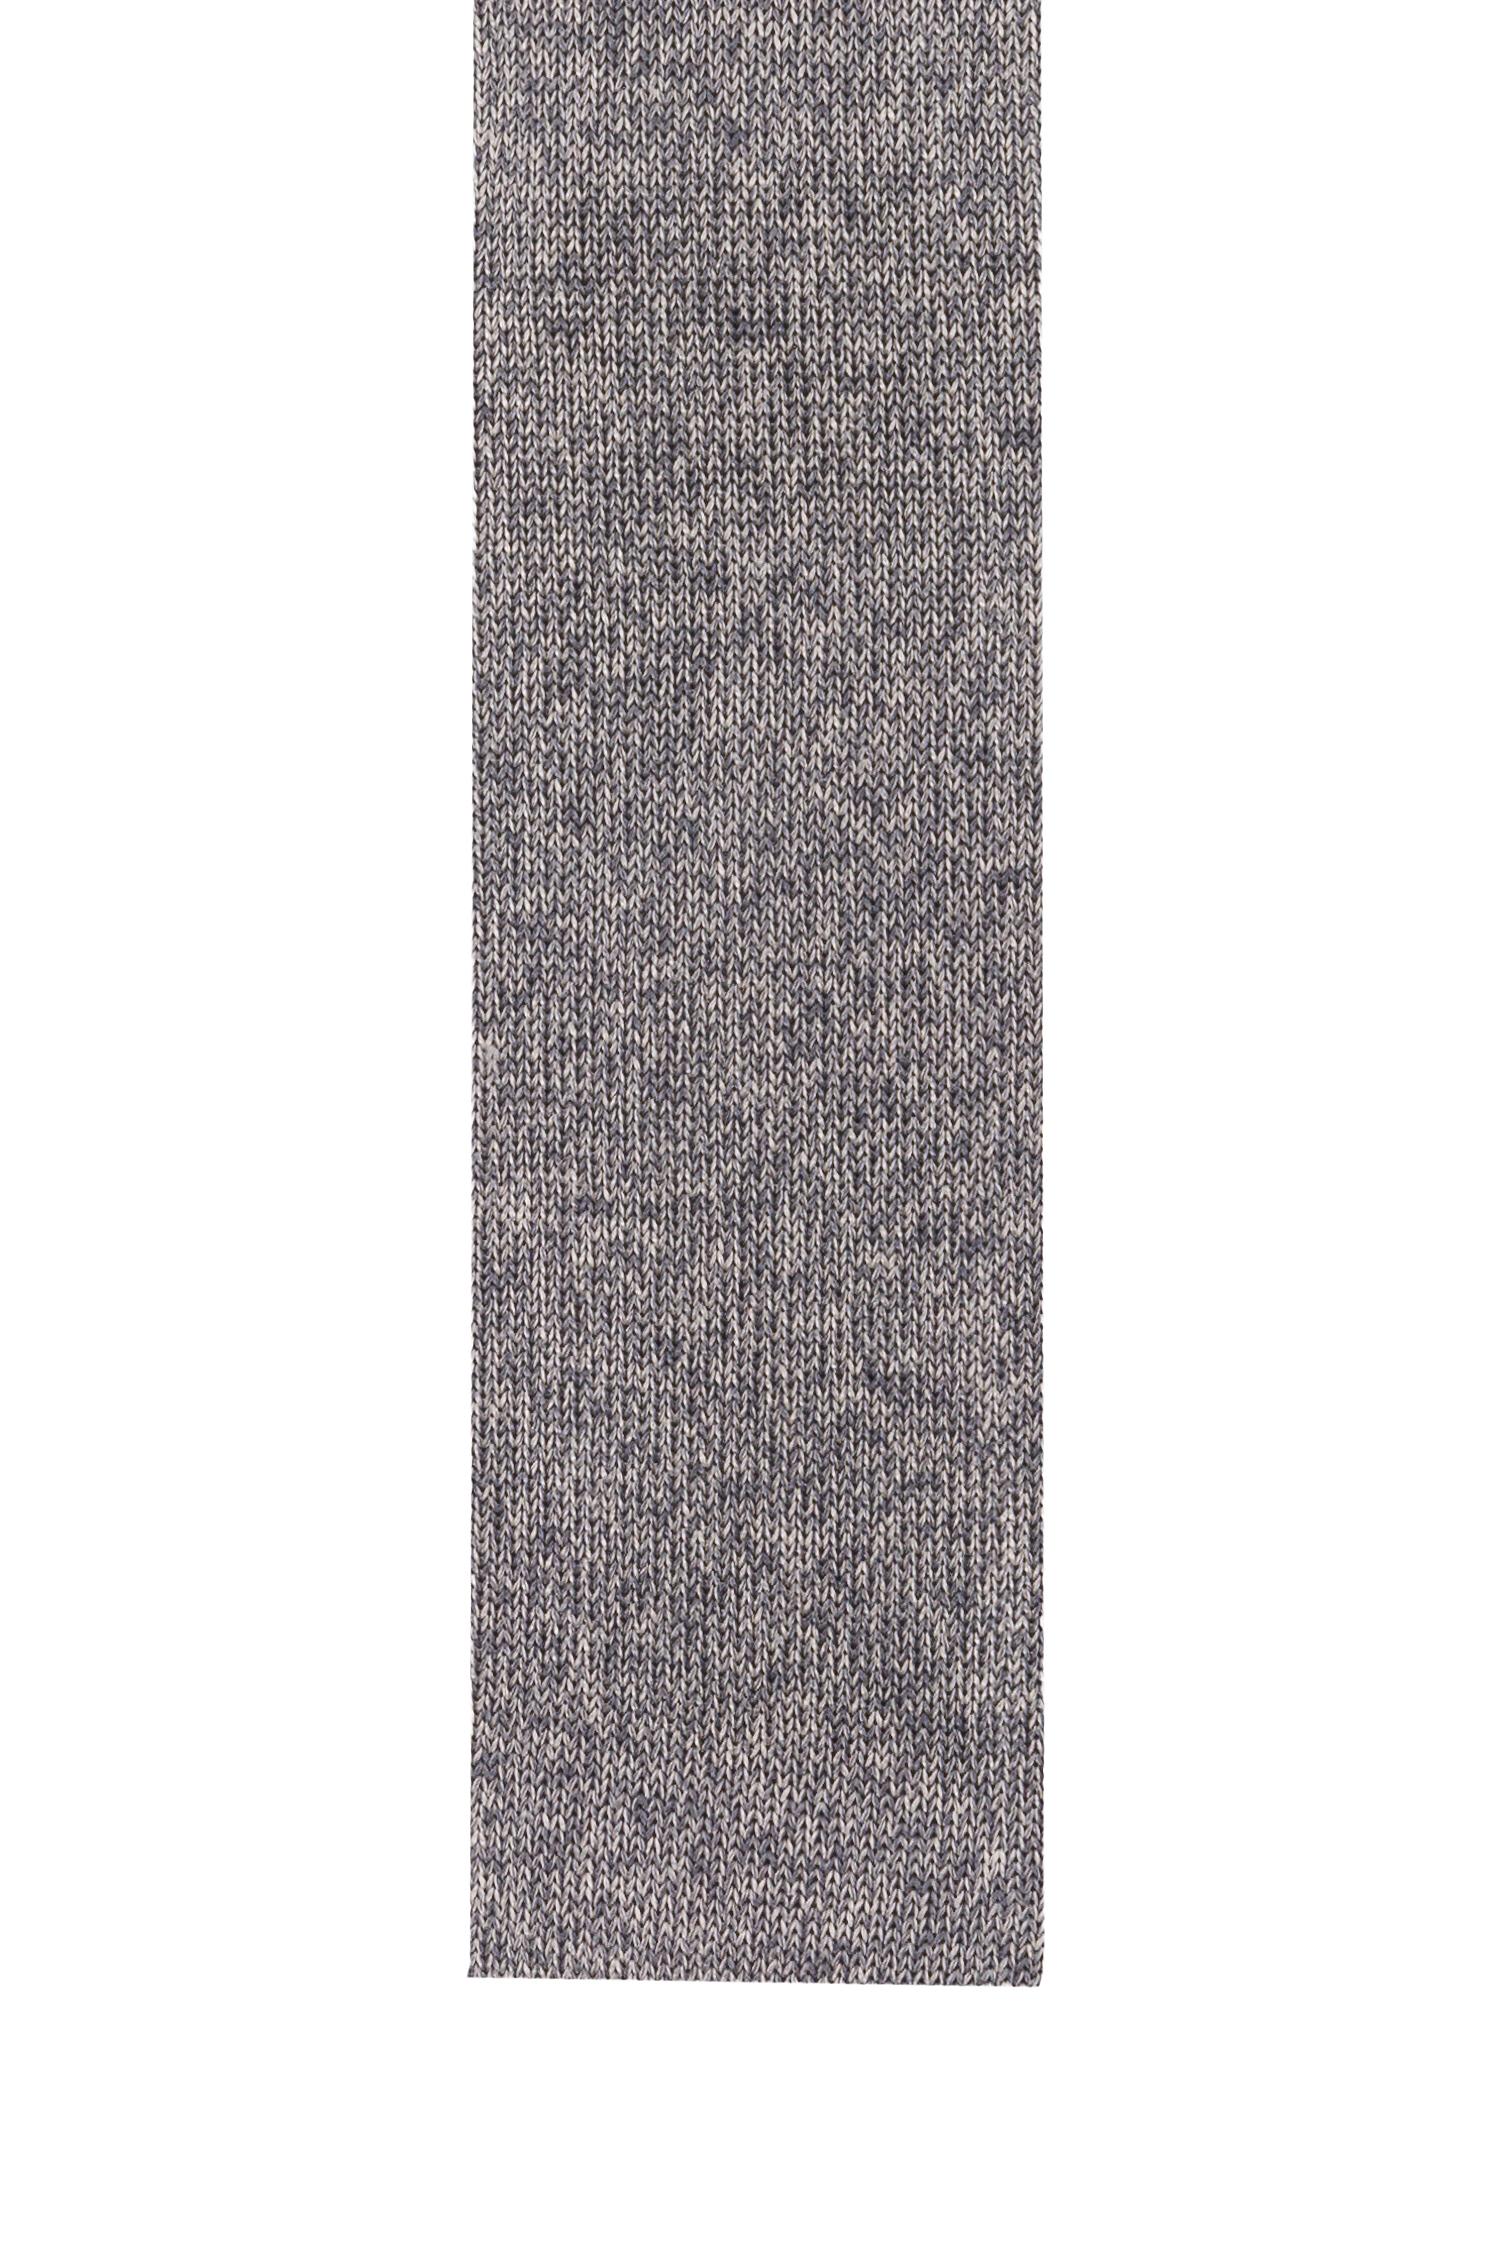 BOSS Krawatte | Louis, Louis, Louis, ausführlich  deddb9